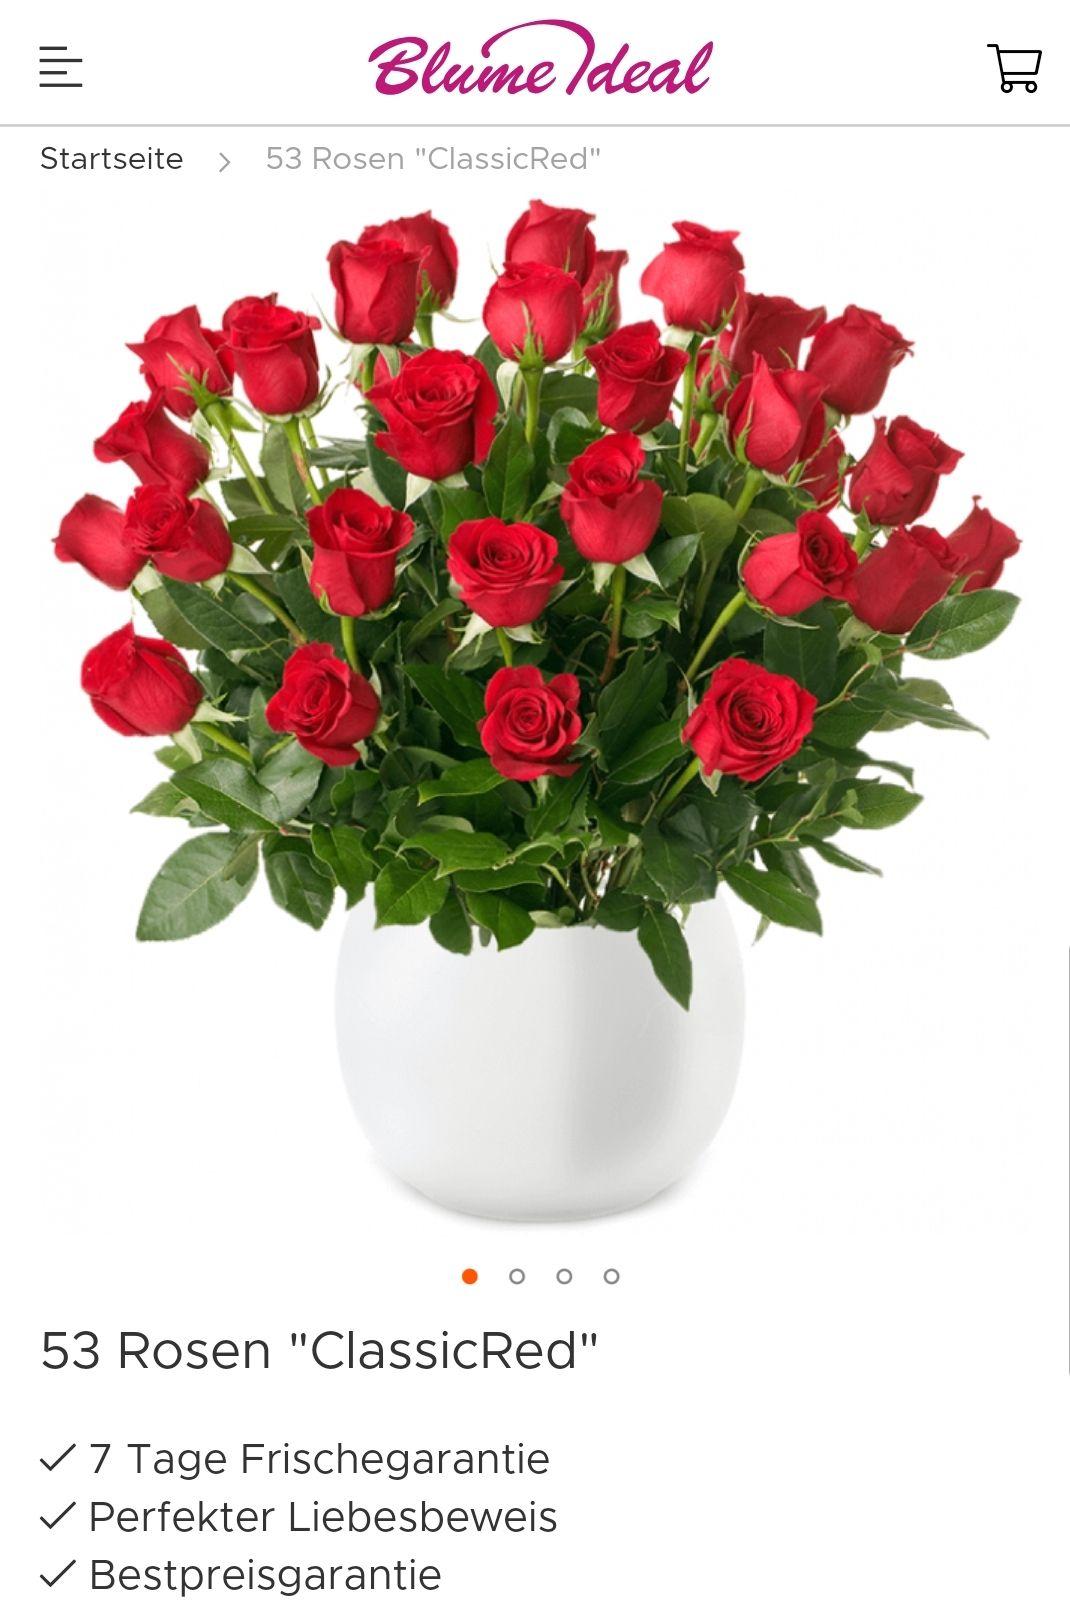 53 Rosen für nur 19.99 + Versand